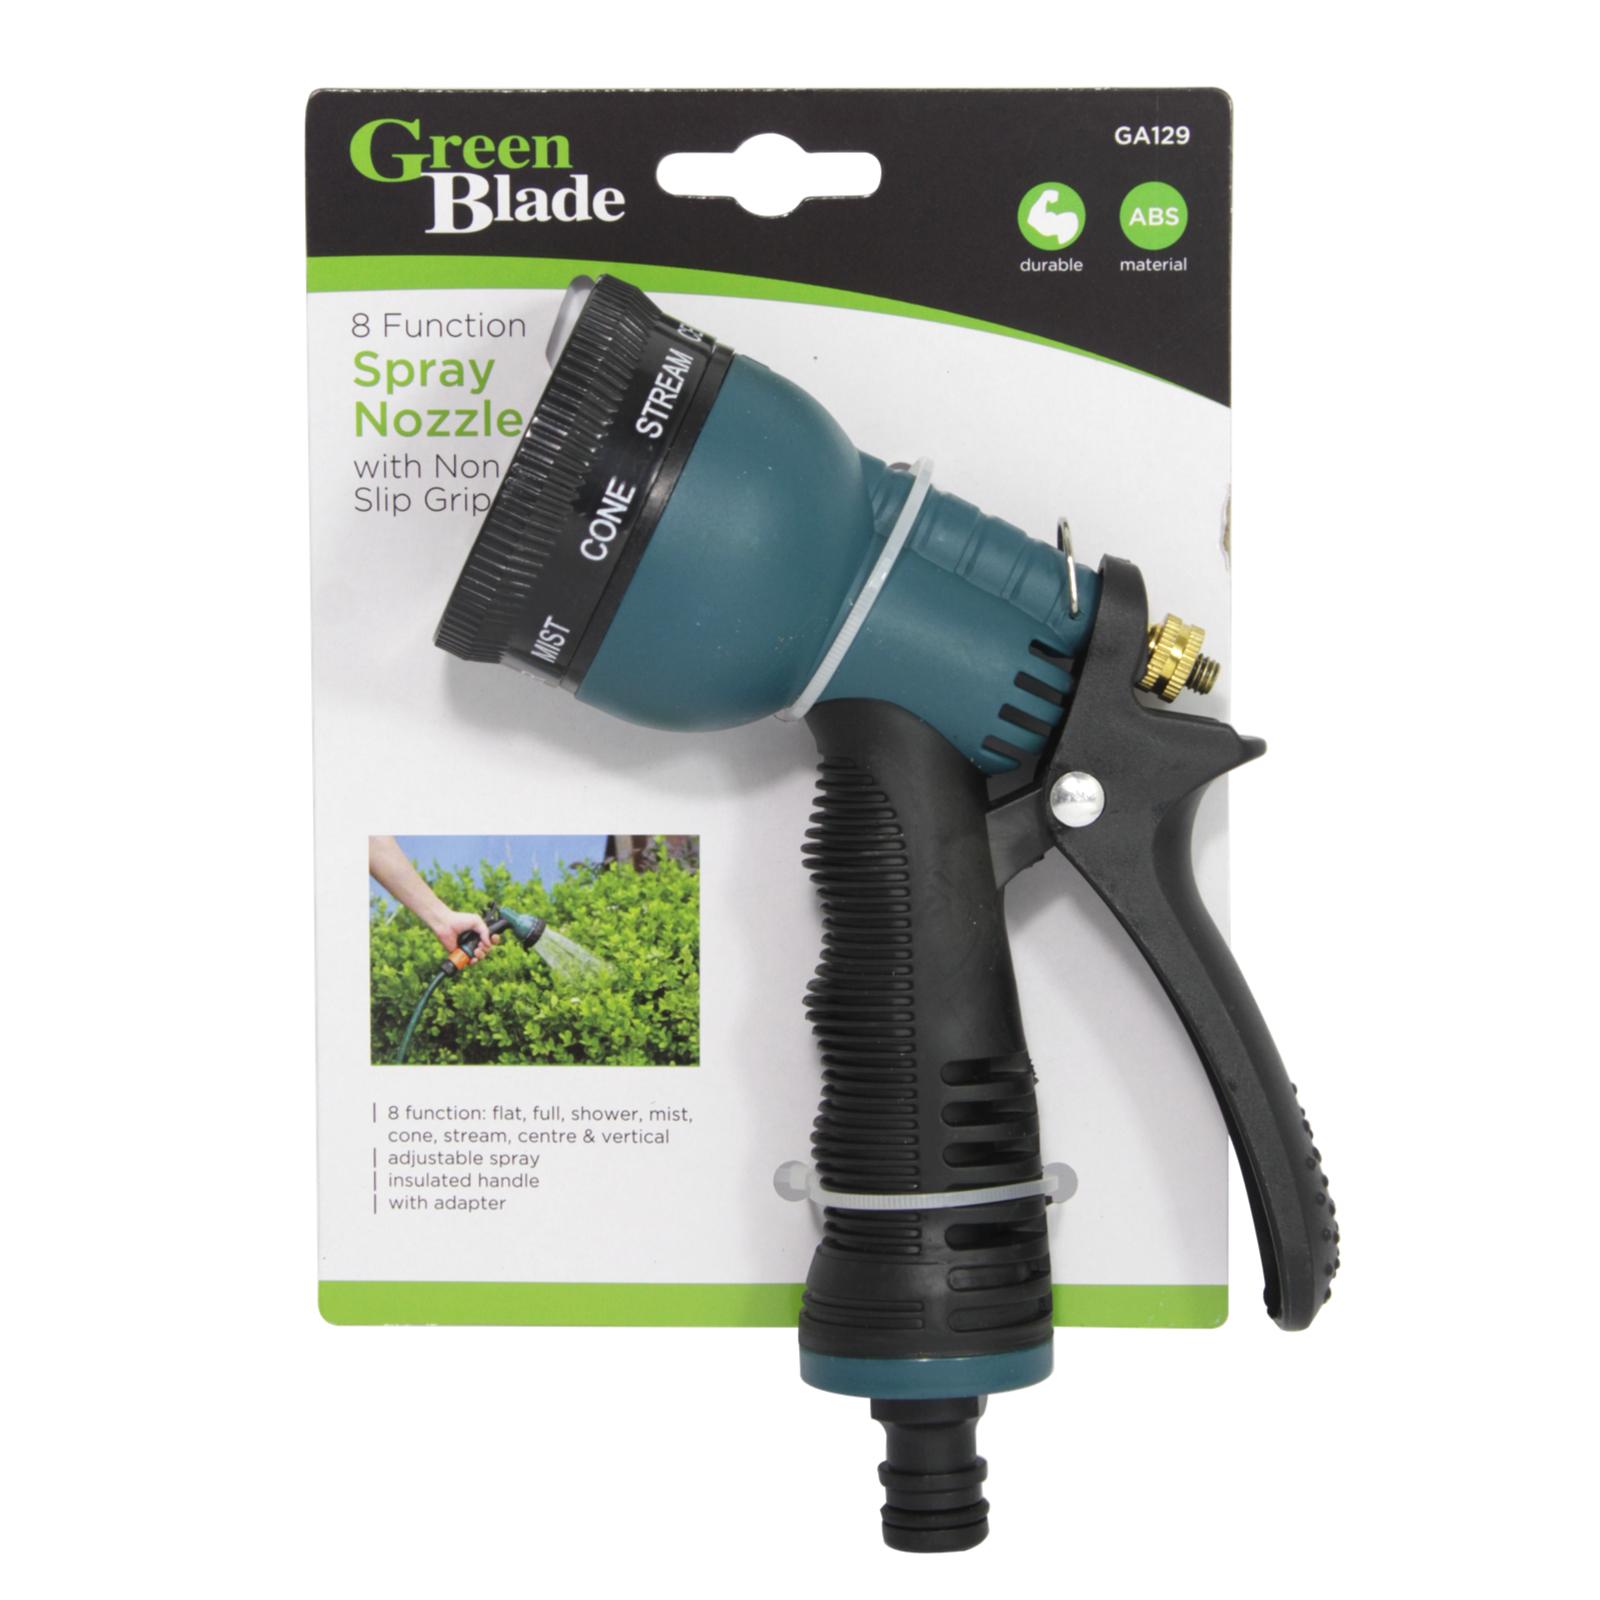 GREEN BLADE 8 FUNCTION SPRAY NOZZLE